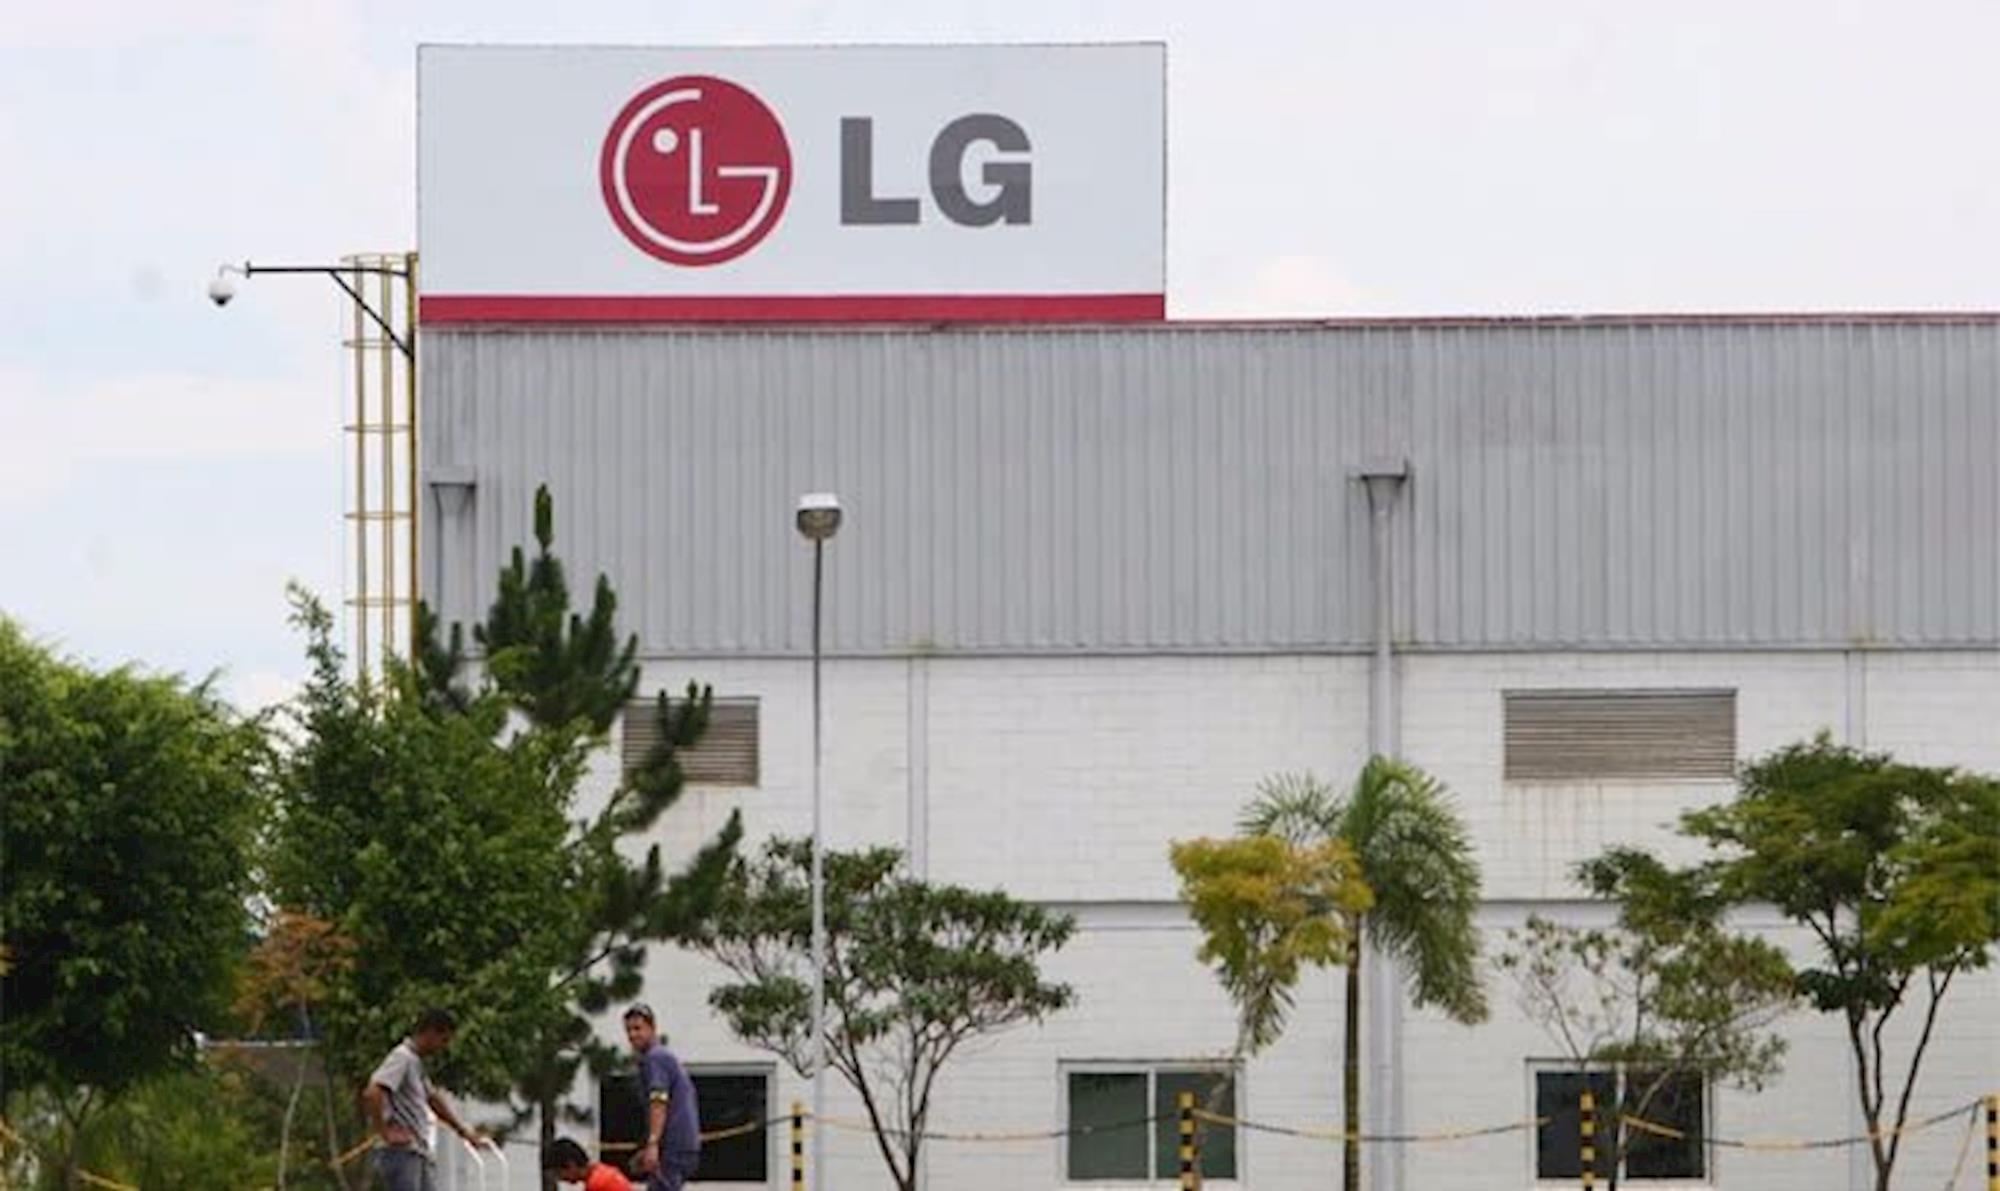 LG, reforma trabalhista, direitos trabalhistas, Temer, FEM, CUT, Rogério Marque/O Vale